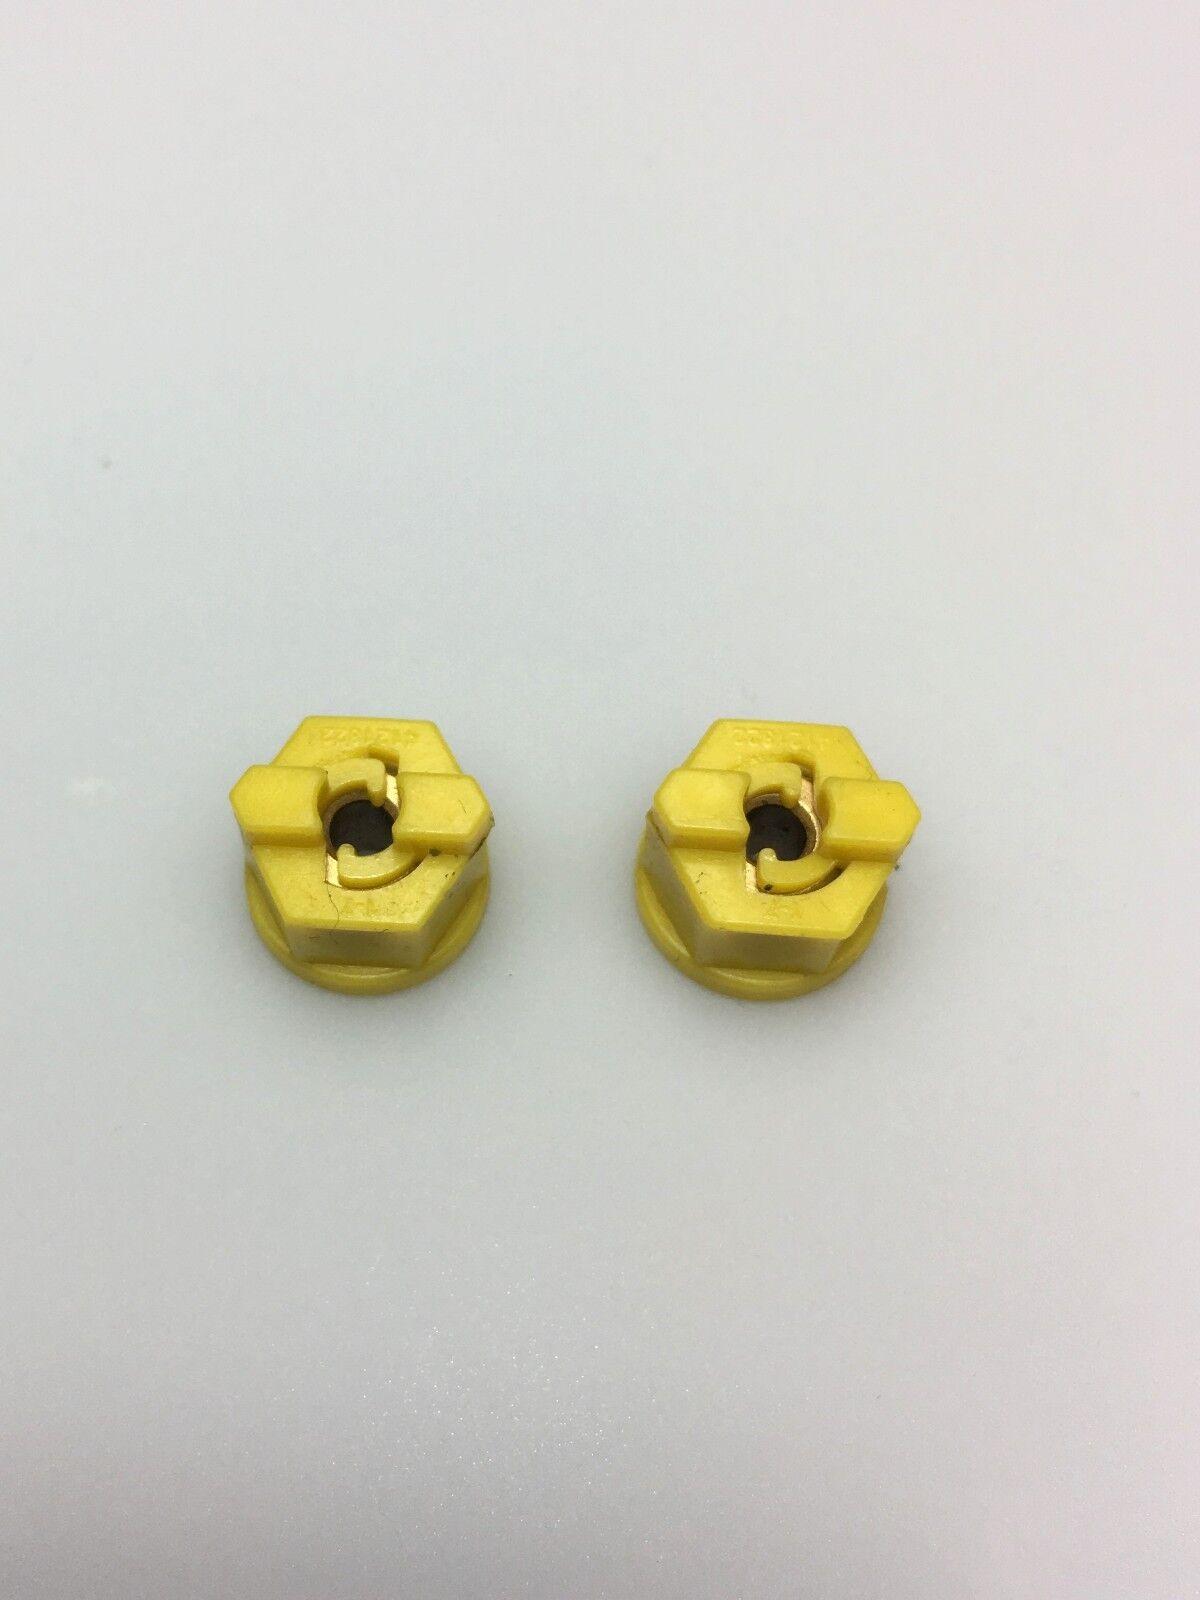 Schwergewebebeutel passend für Kärcher 6.904-051.0 Staubbeutel Staubtüten Beutel